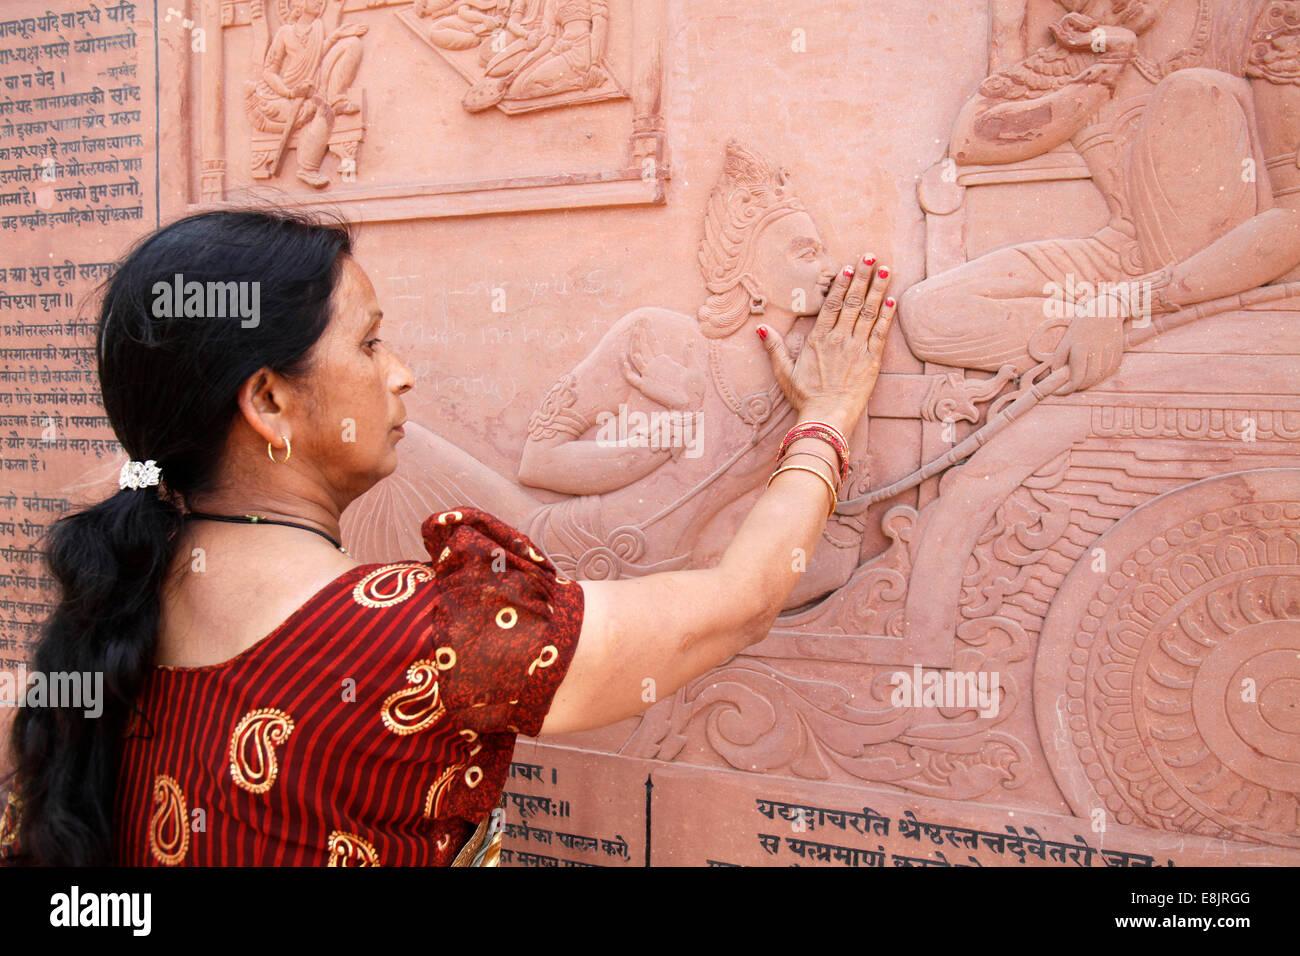 Bhagavad Gita engraved on a Hindu temple - Stock Image